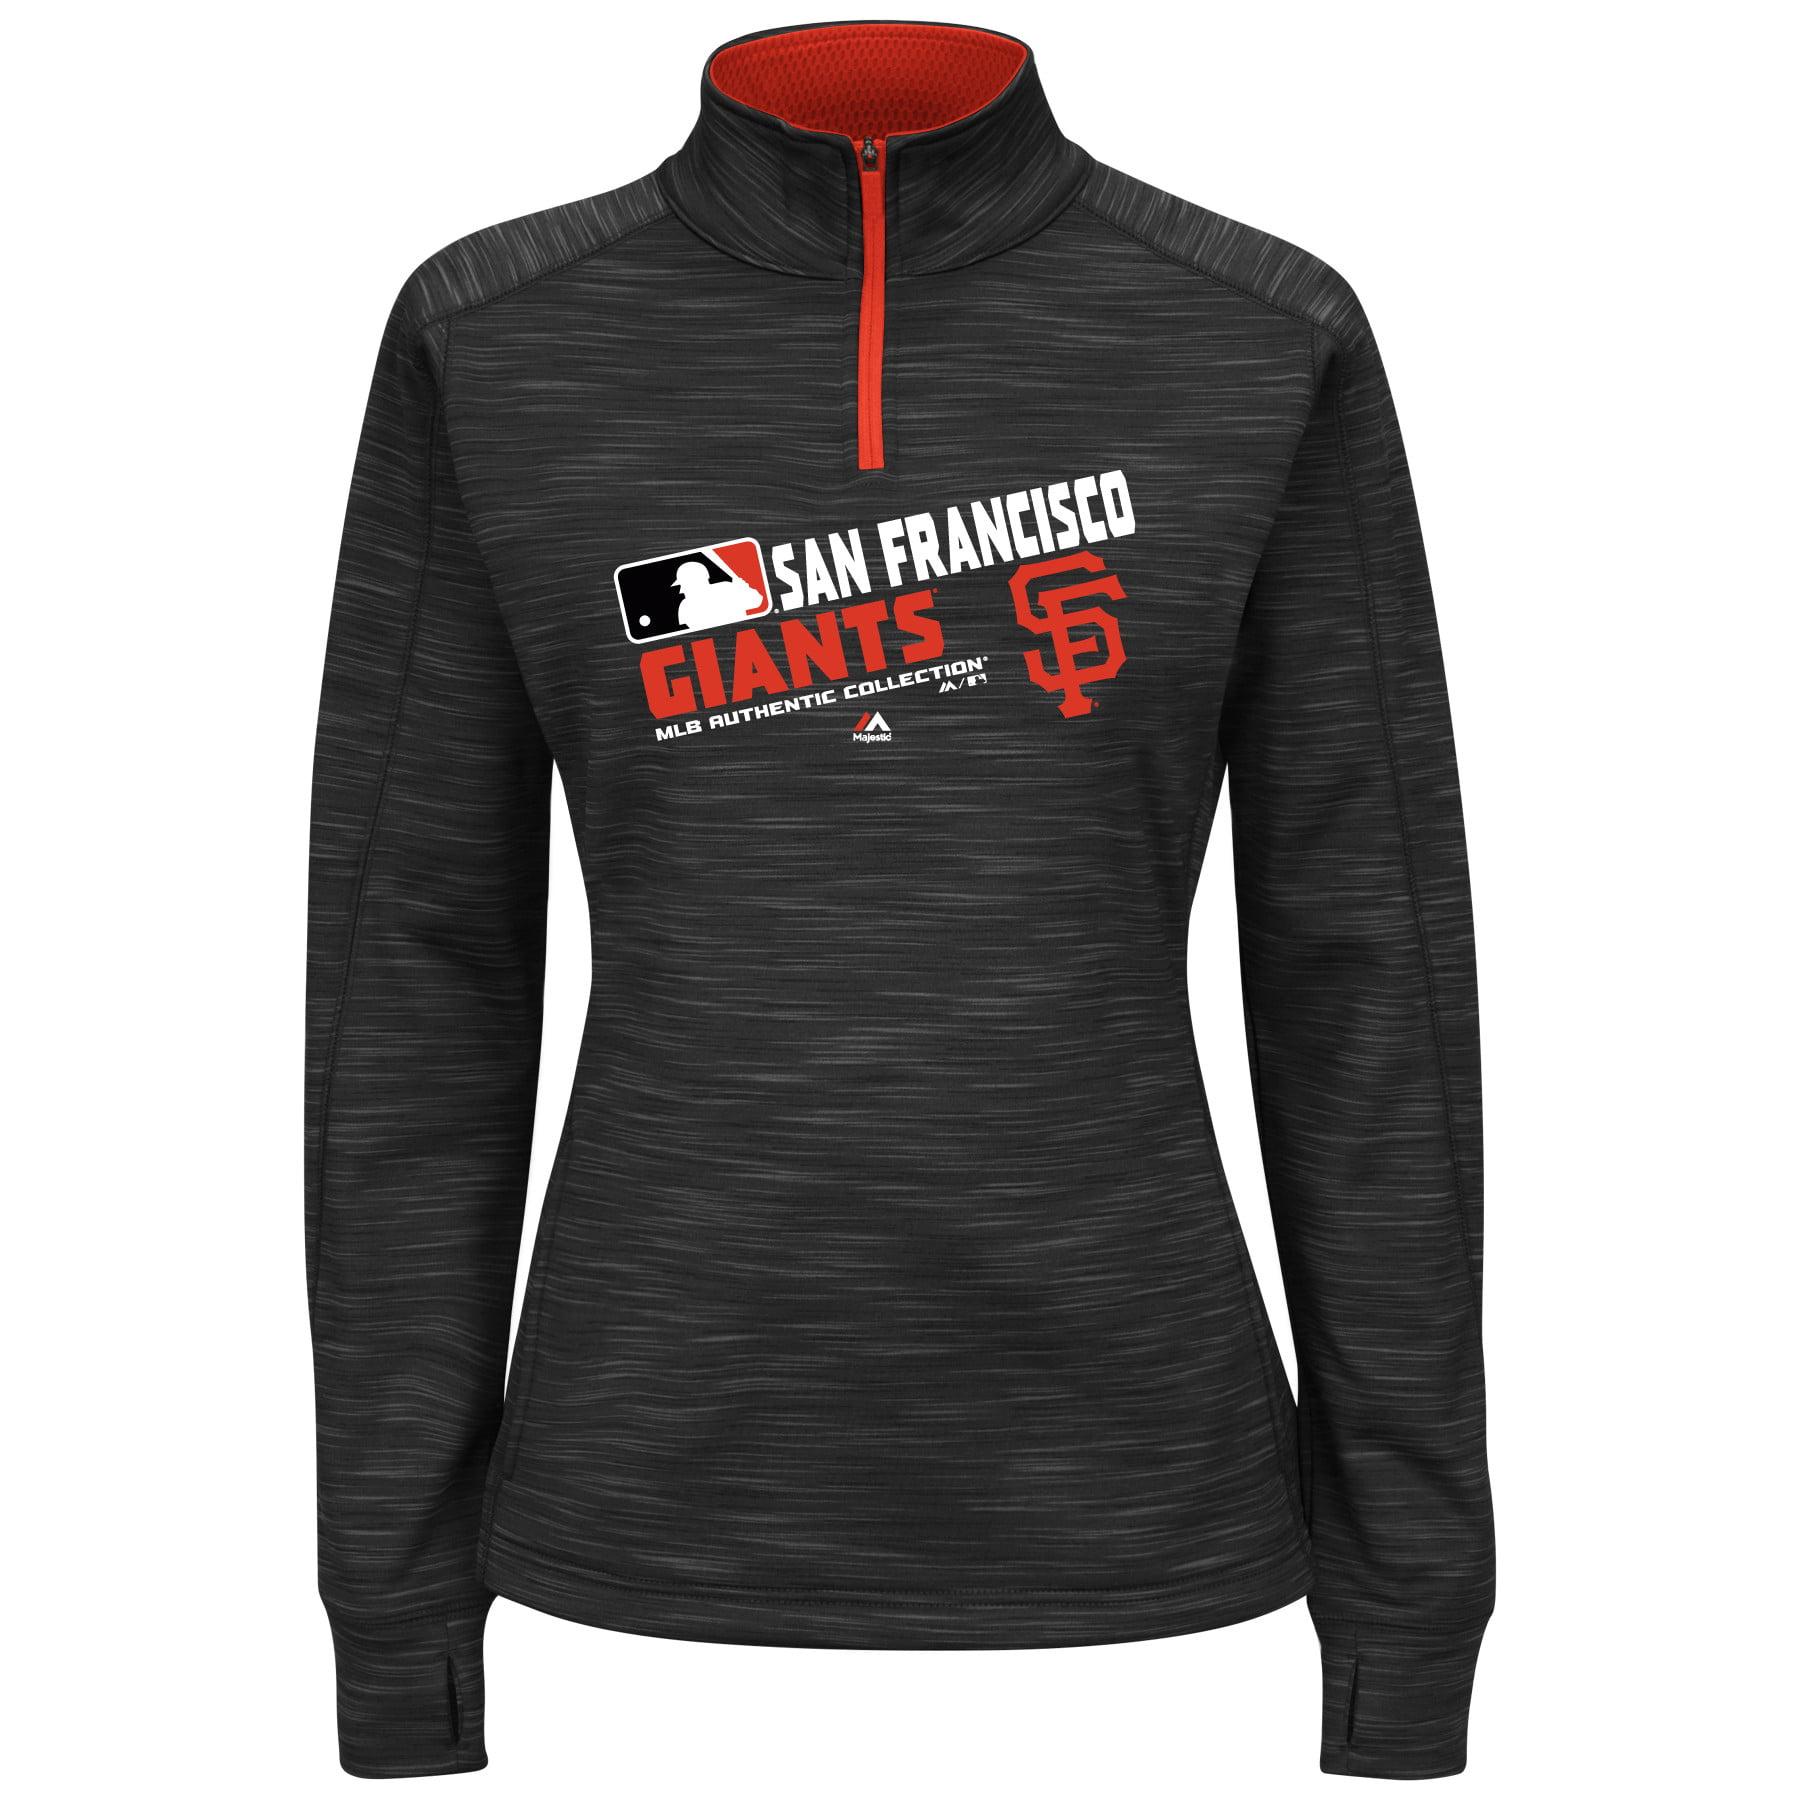 San Francisco Giants Majestic Women's Plus Size Authentic Collection Team Choice Quarter-Zip Sweatshirt - Black